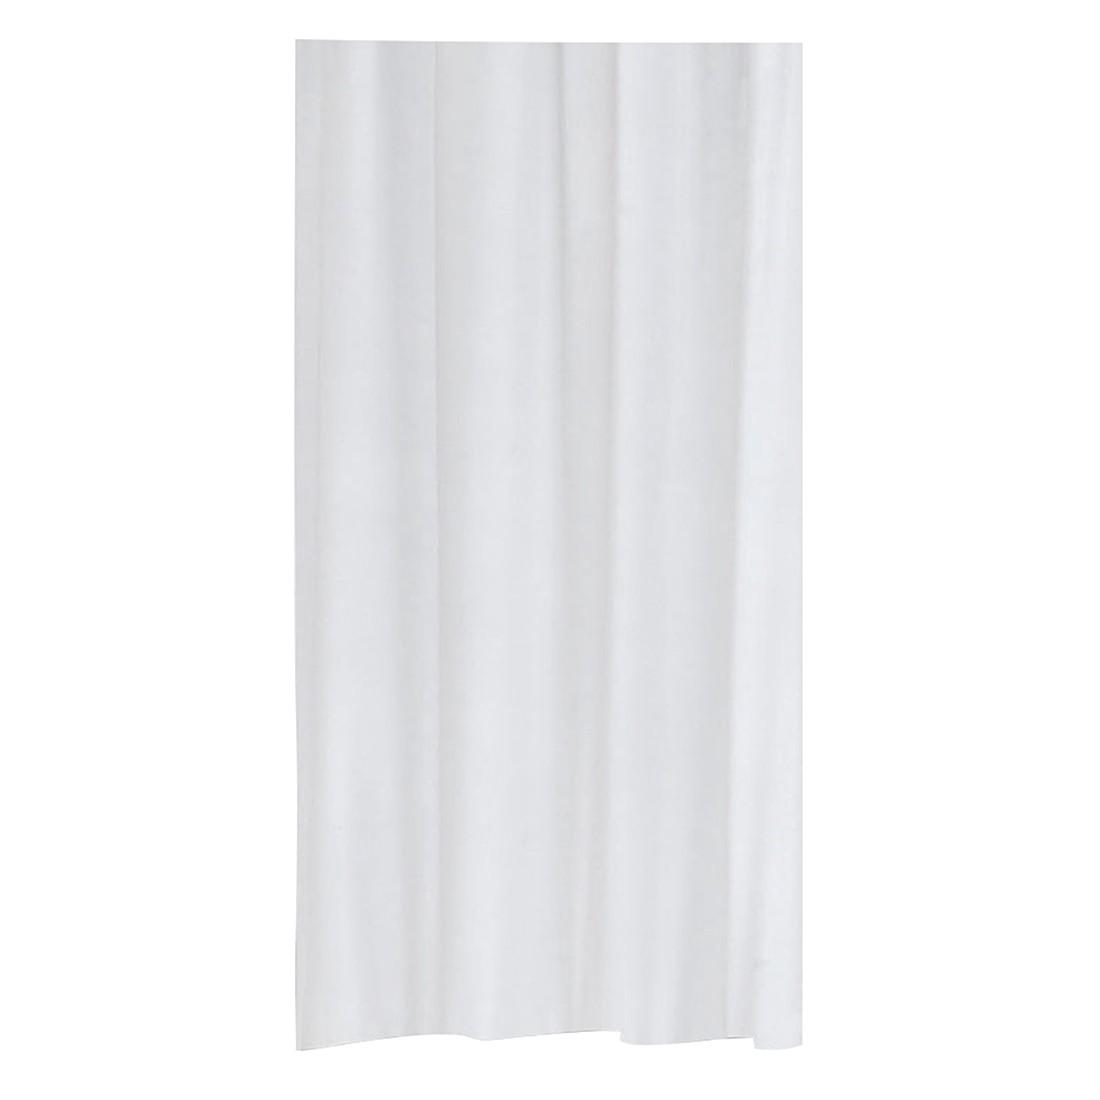 Duschvorhang Palazzo – Weiß – 180 x 200 cm, PIER 36 online kaufen